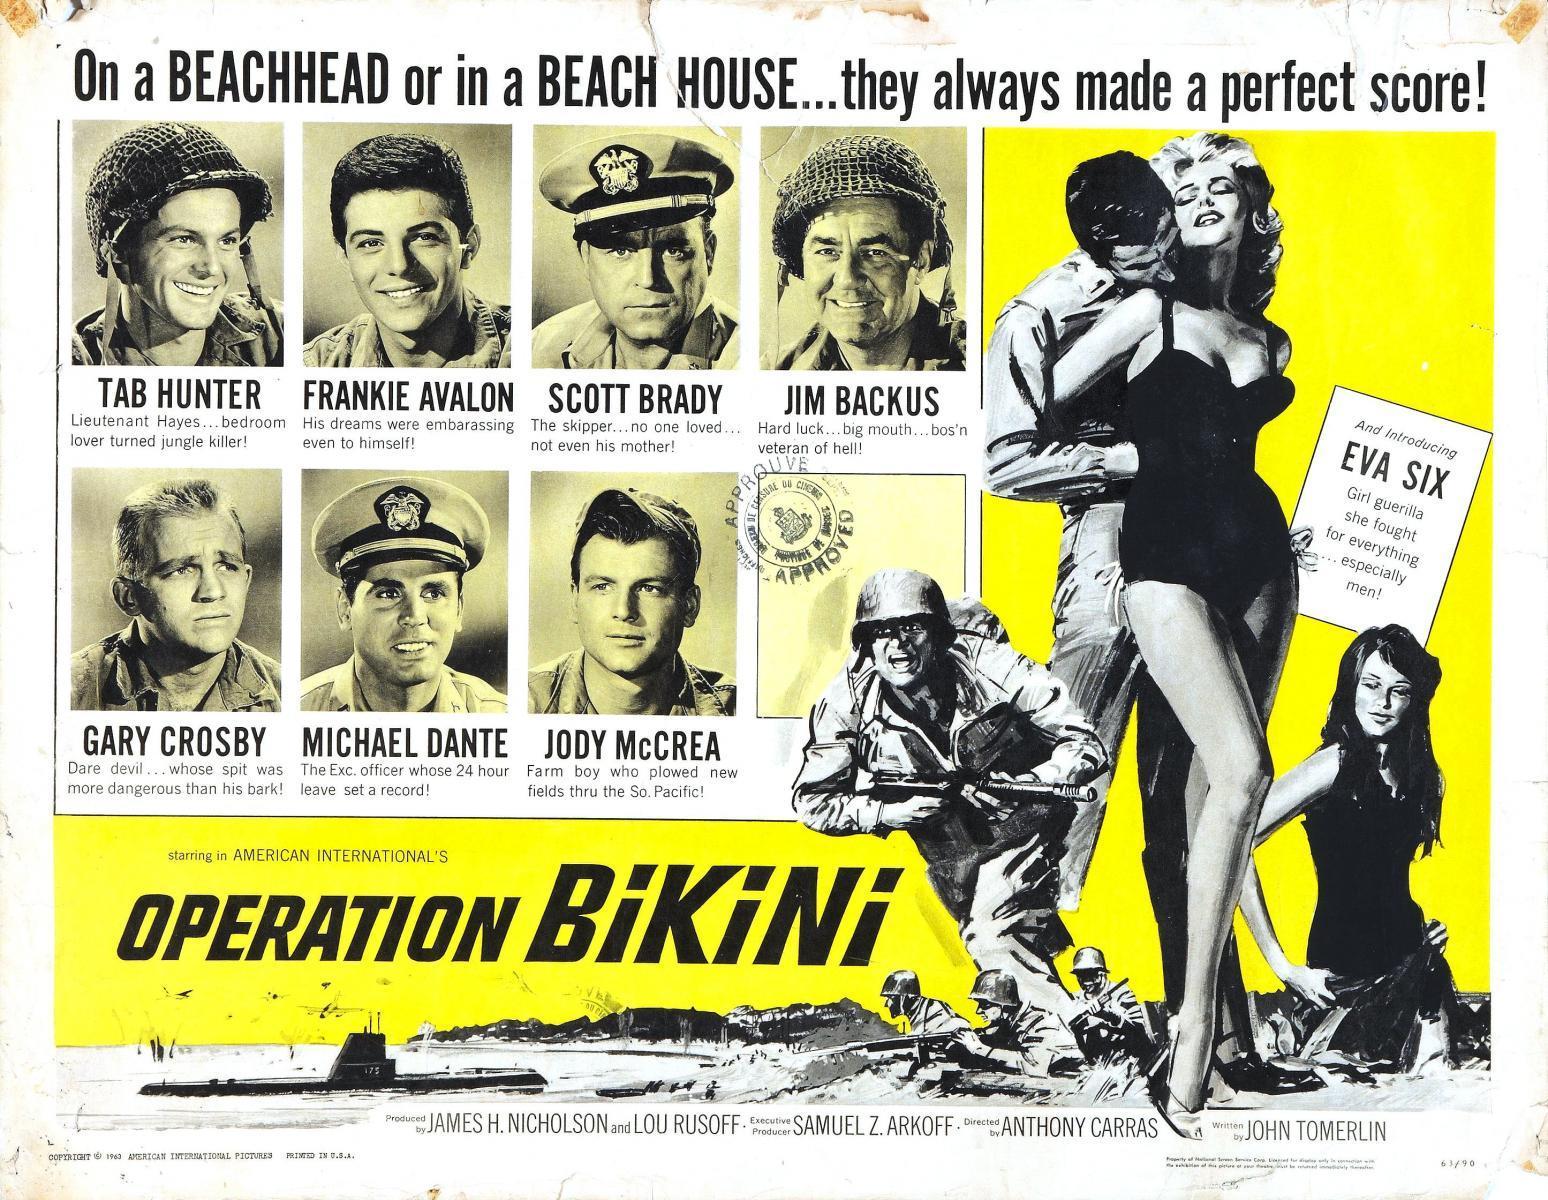 Operation bikini costar in 1963